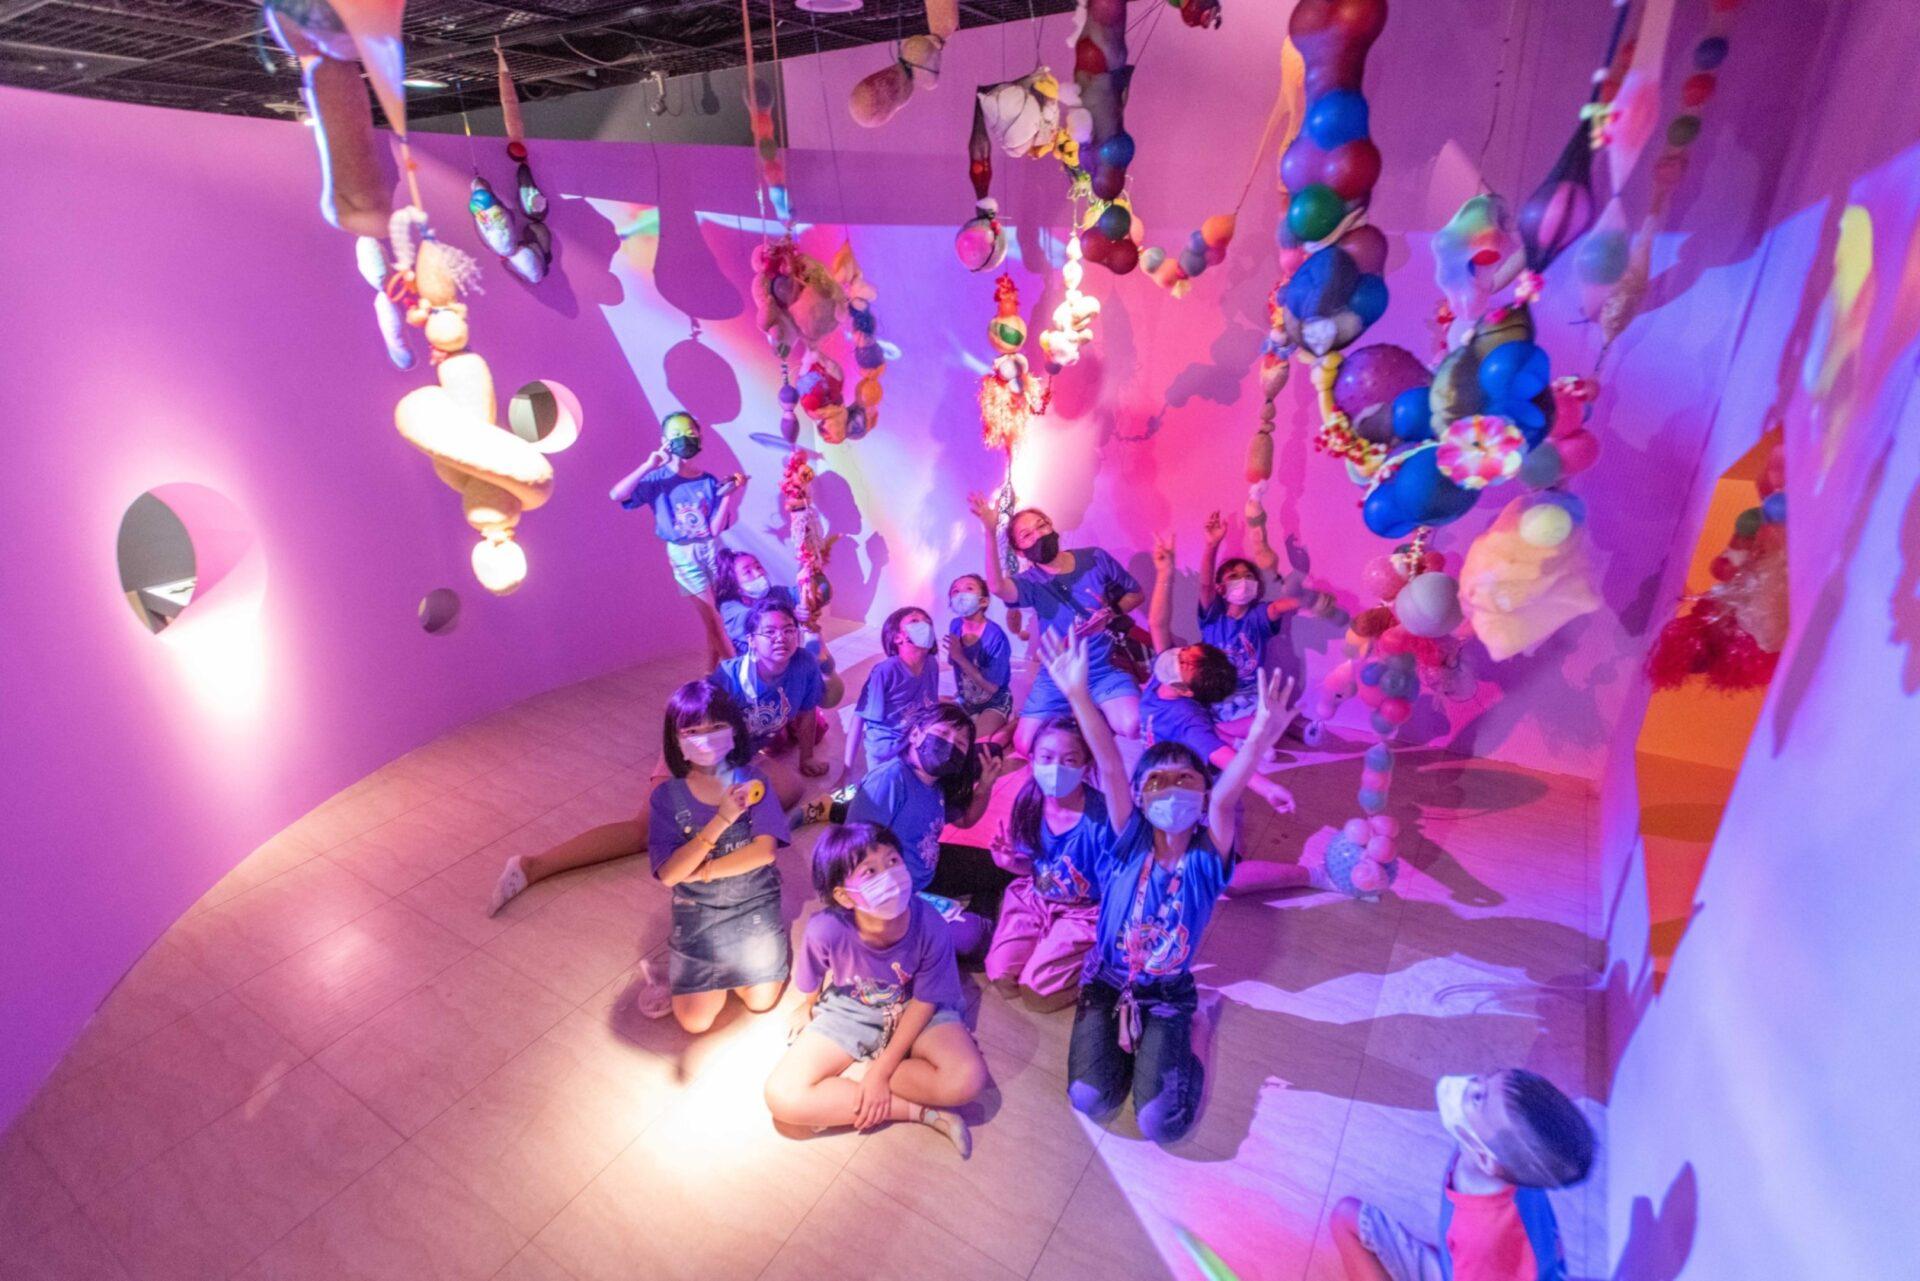 高雄市立美術館兒童美術館:2020/07/11-2021/08/29【材料「長」這樣,藝術「展」那樣–藝術家的點石成金術】